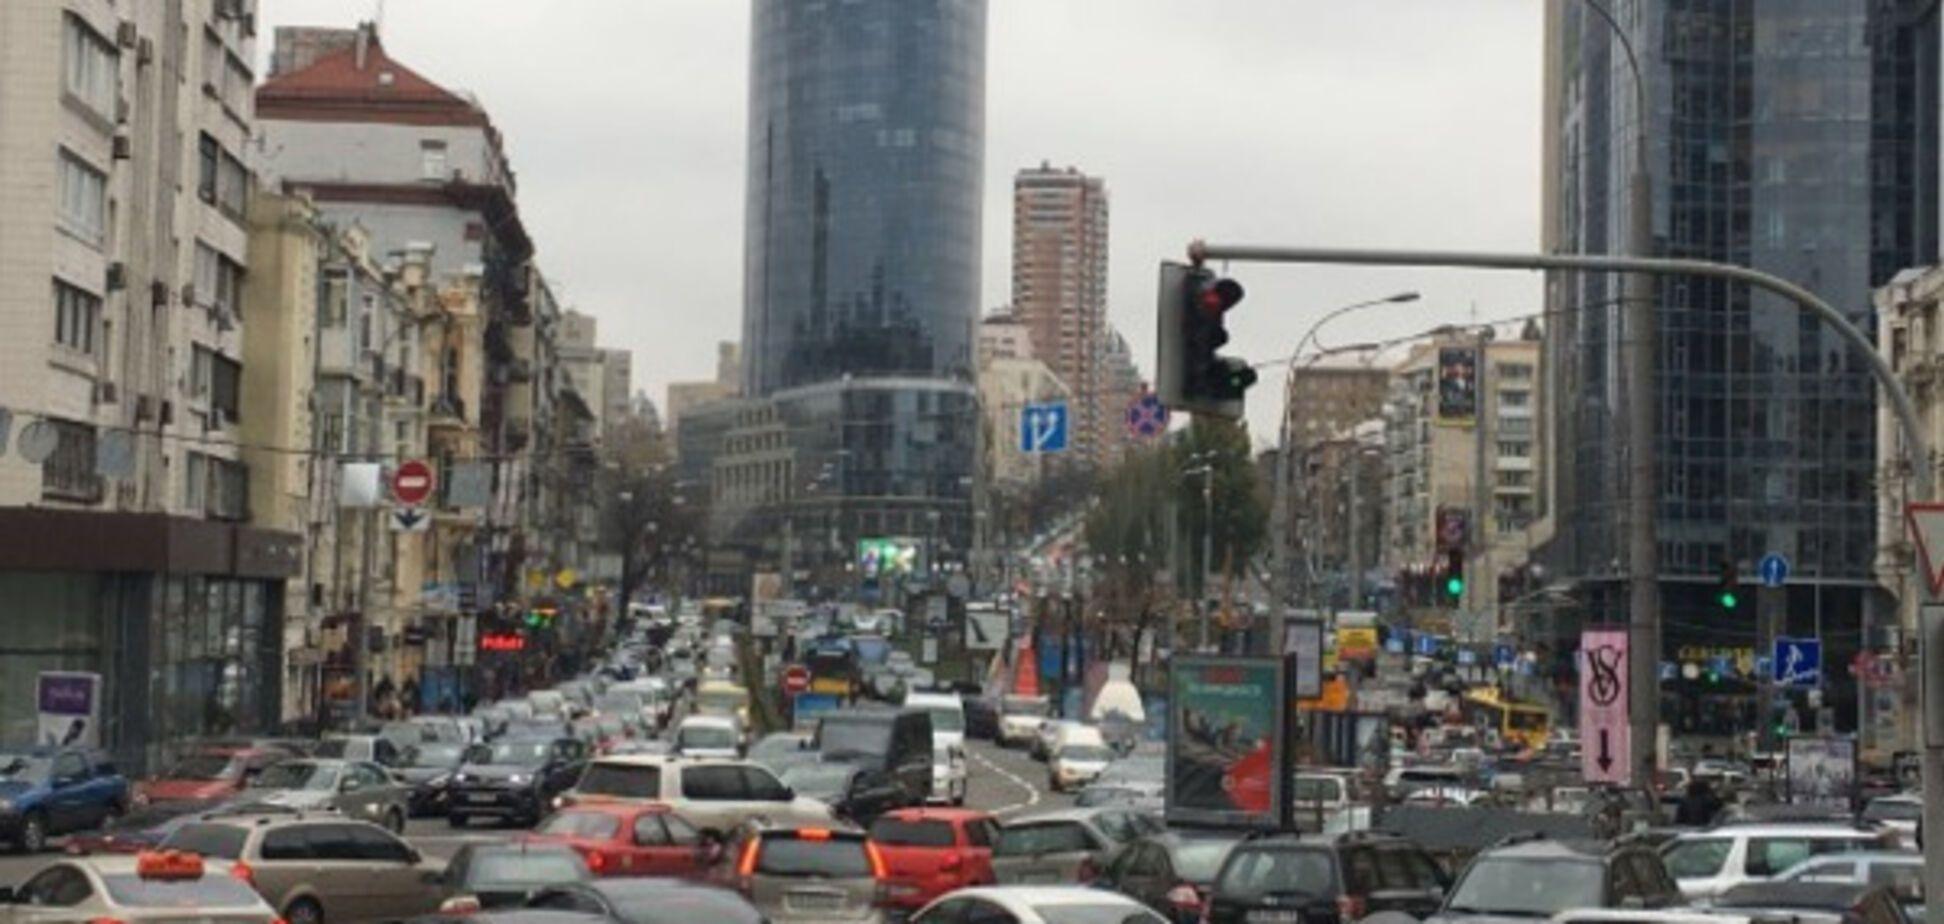 Транспортний колапс: поліція Києва 'фільтрує' виклики на '102'